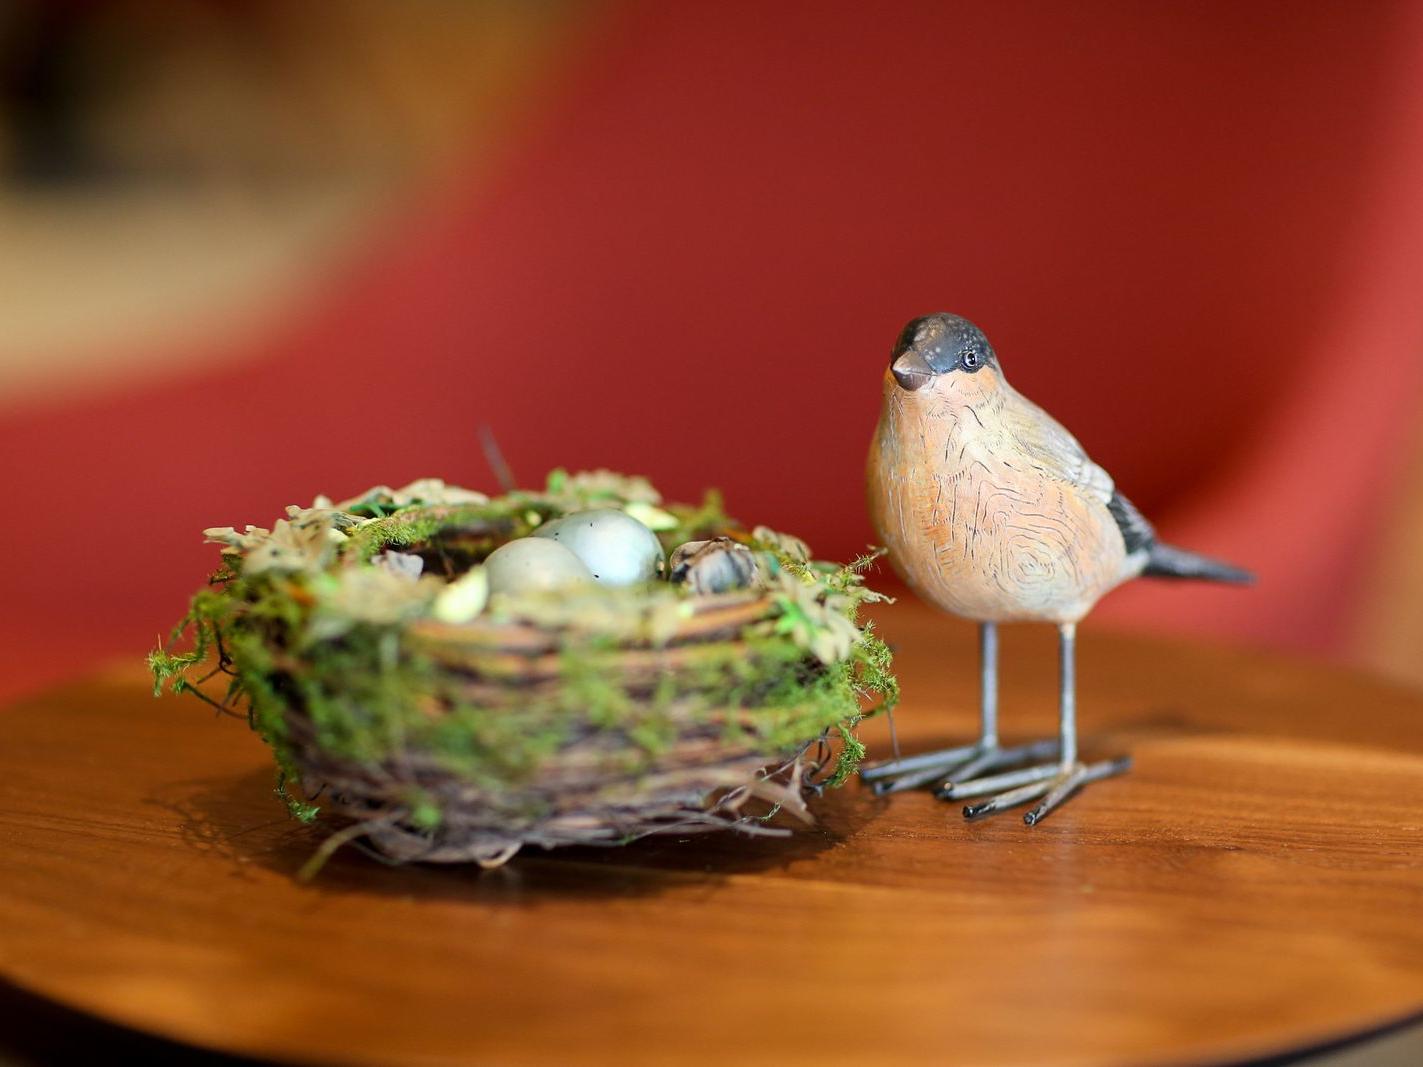 Small bird-and-nest sculpture.